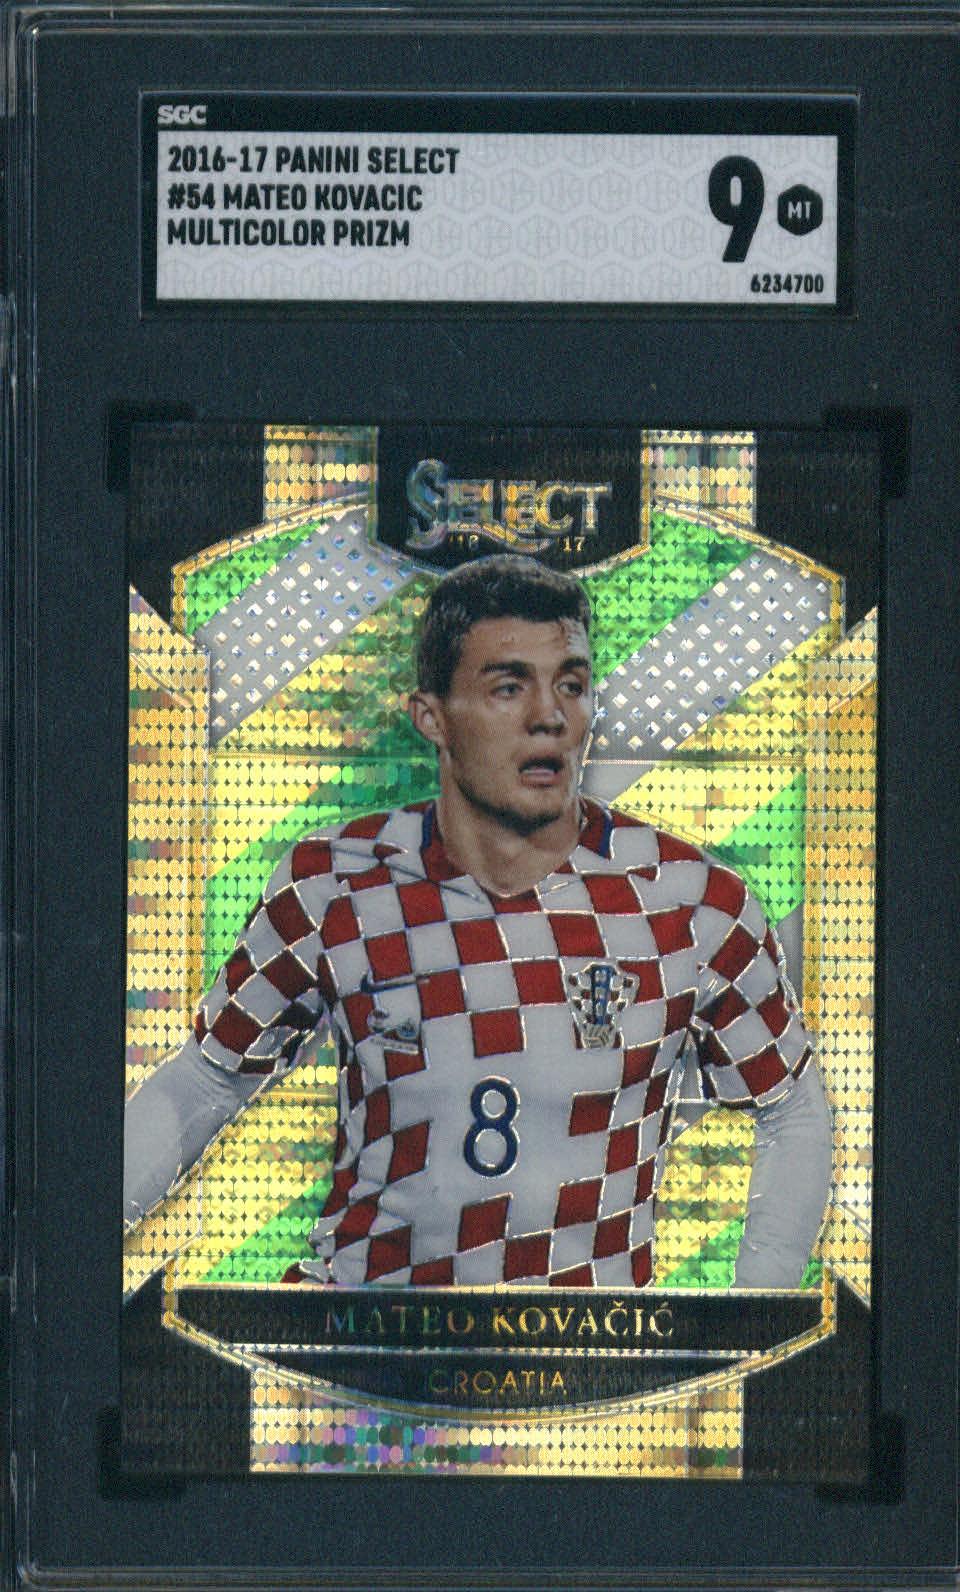 2016-17 Panini Select Multicolor Prizm #54 Mateo Kovacic SGC 9